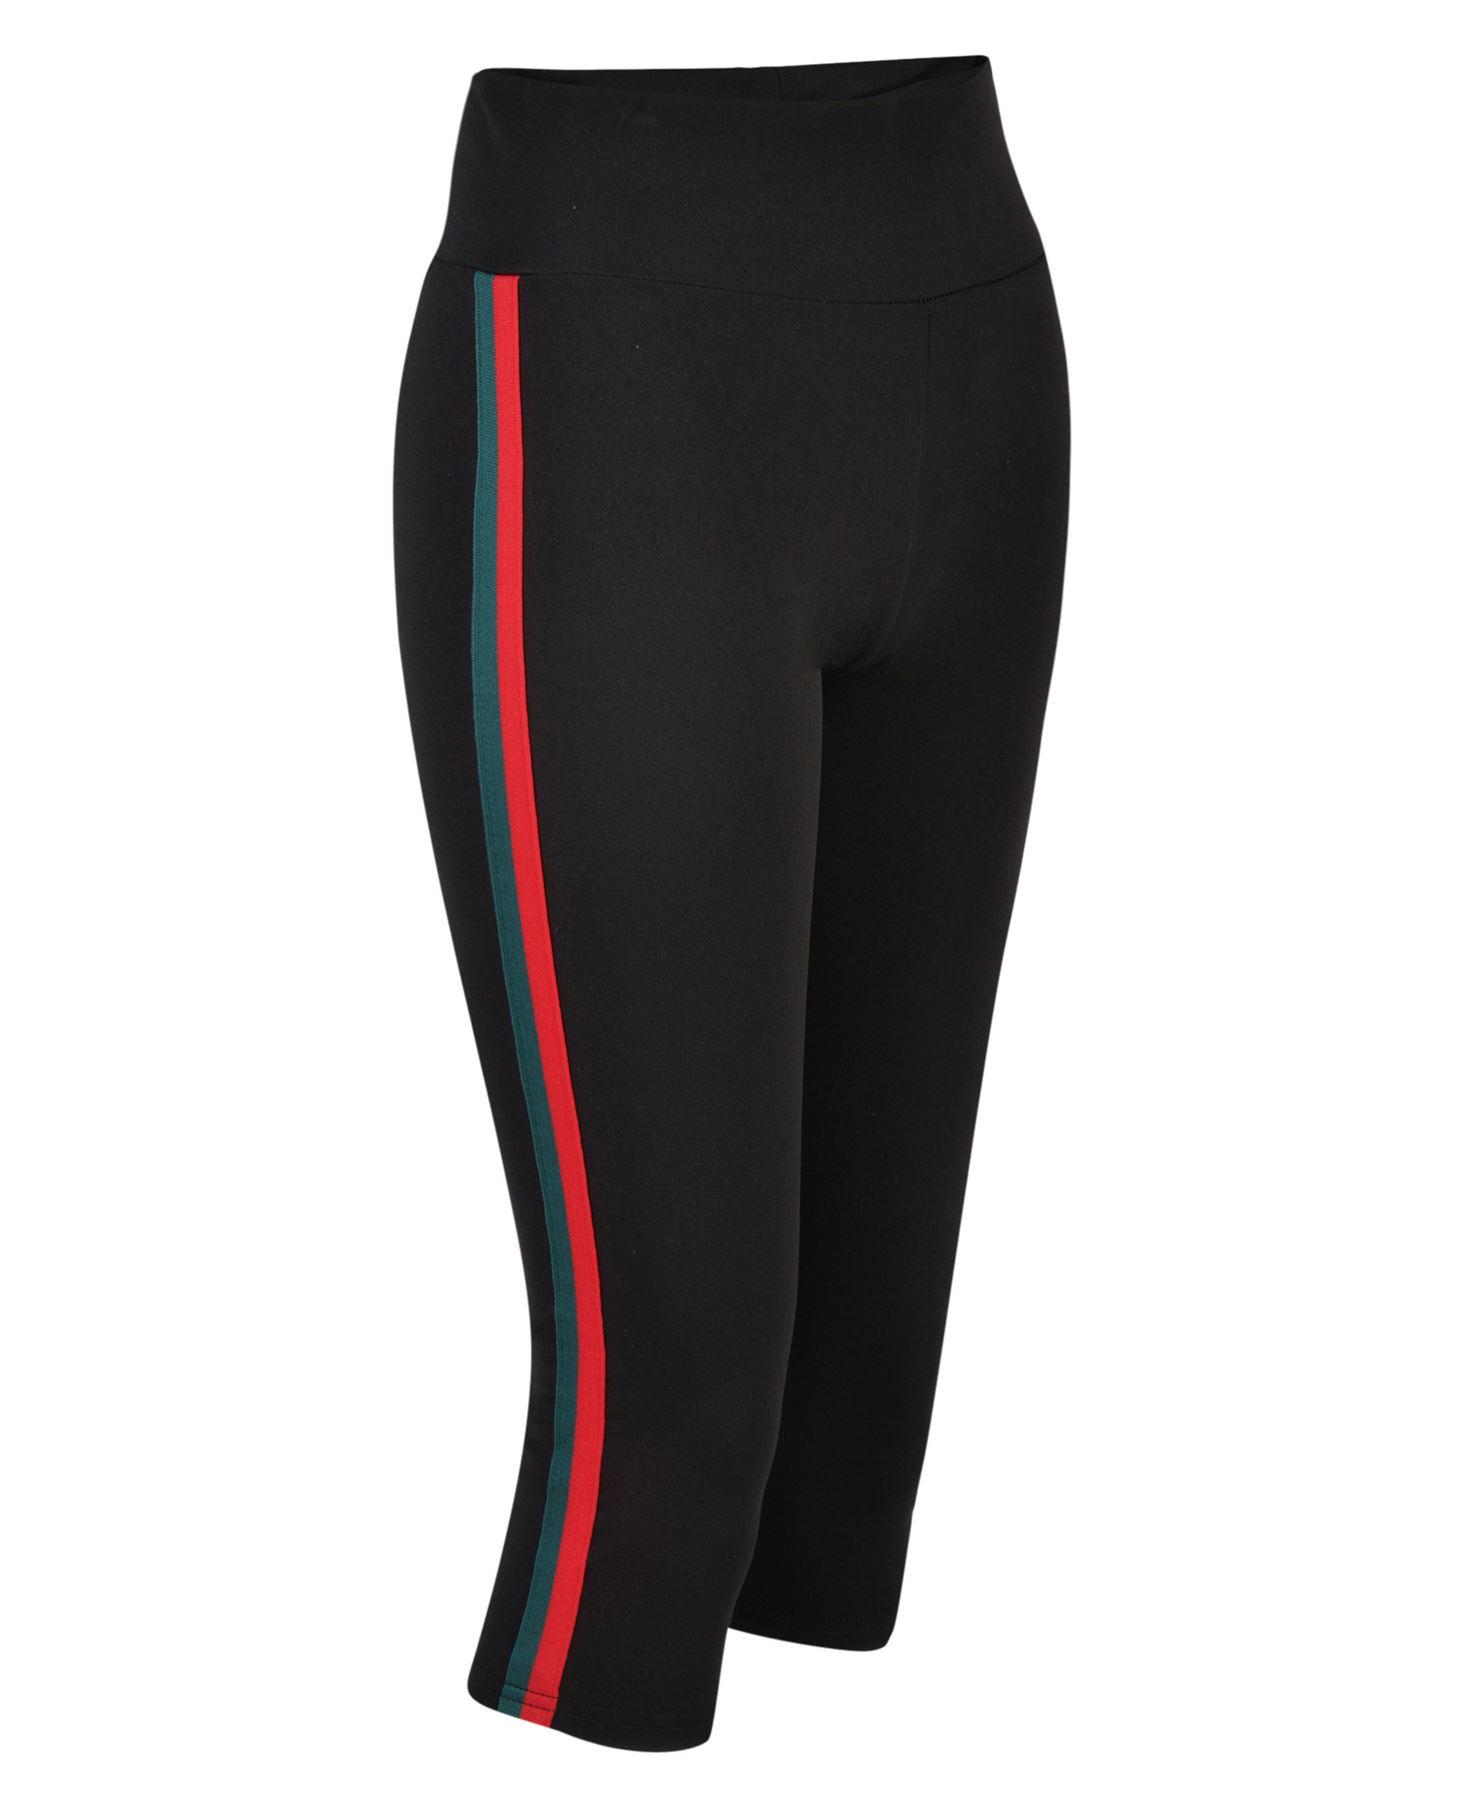 Women Gym Sport Leggings Side Striped Ladies Active Wear